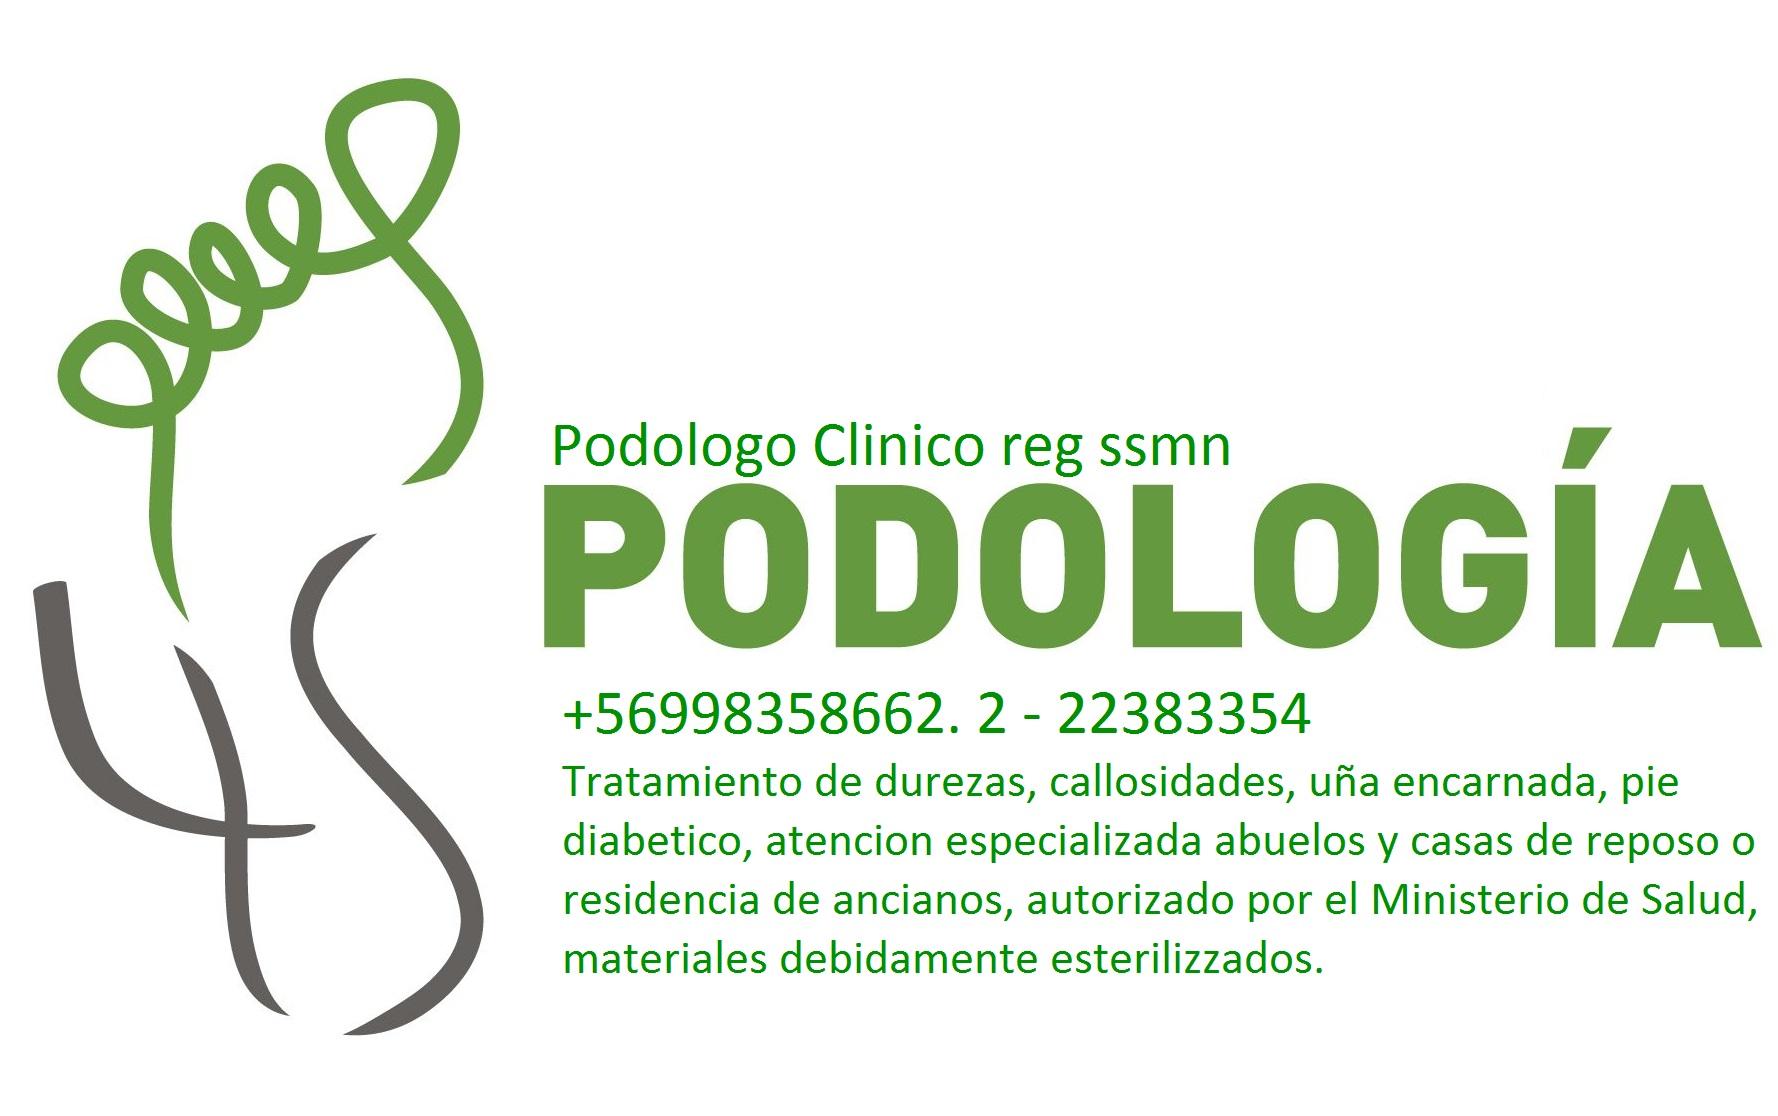 PODOLOGIA CLINICA Lo Barnechea La Dehesa +569 98358662